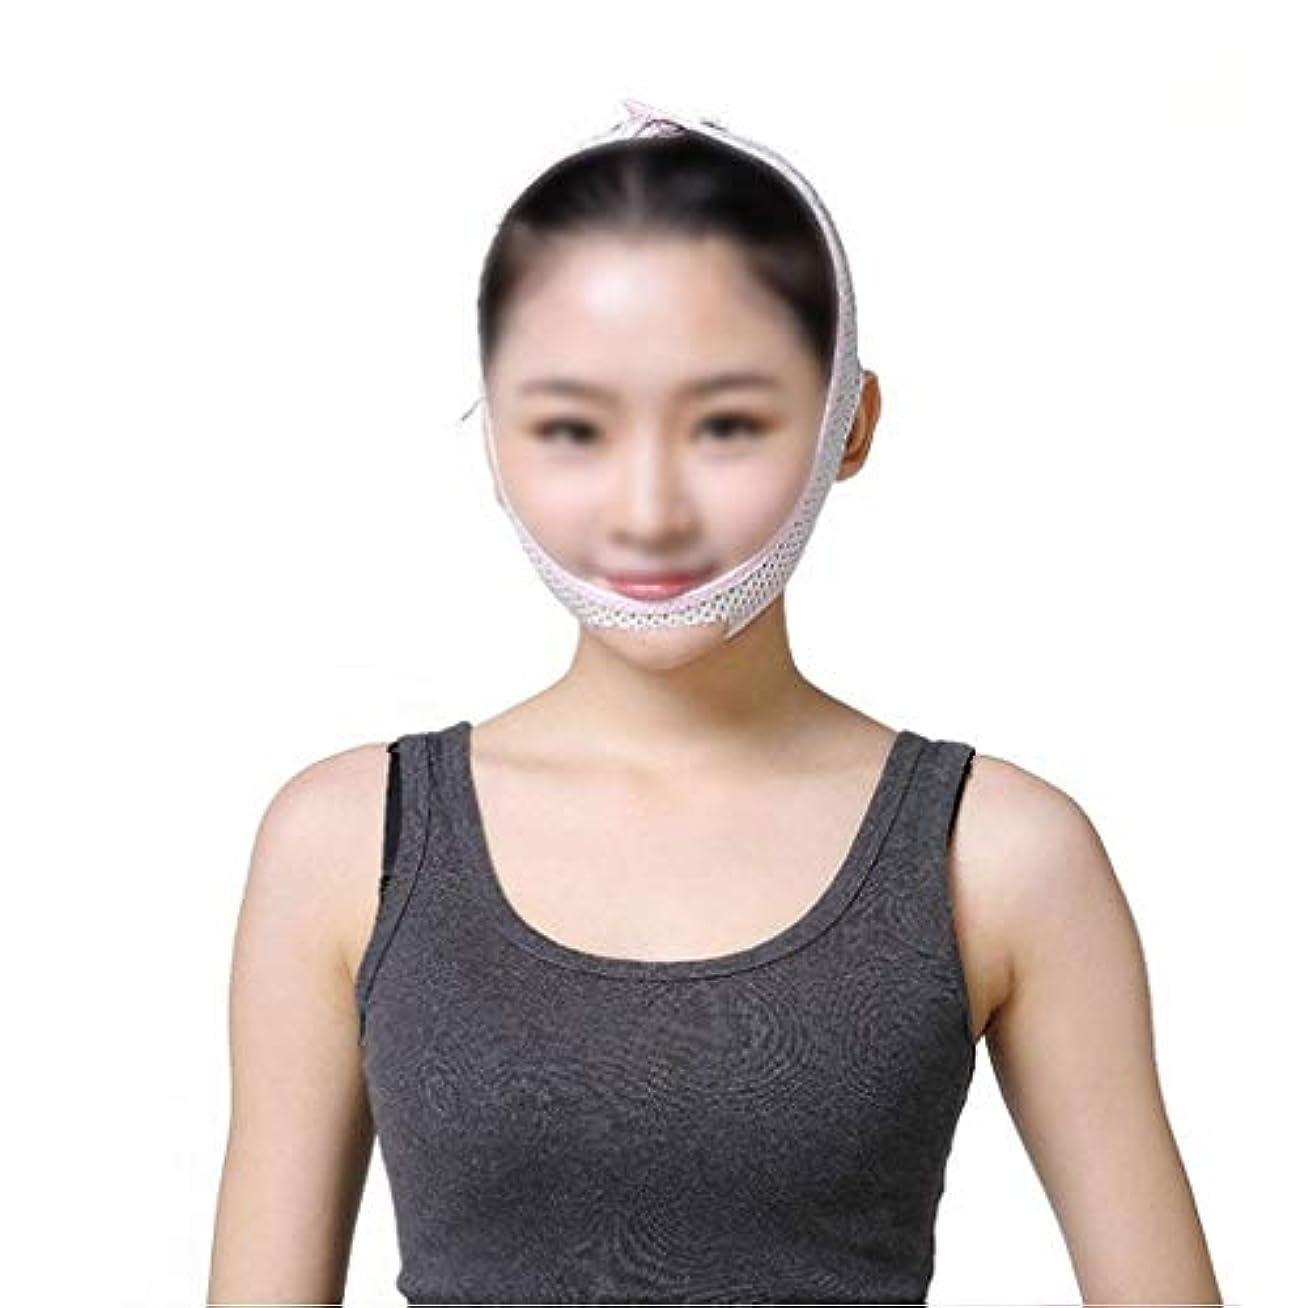 子供達同盟同盟フェイスリフティングマスク、快適で リフティングスキンファーミングスリープシンフェイスアーティファクトアンチリンクル/リムーブダブルチン/術後回復マスク(サイズ:M)